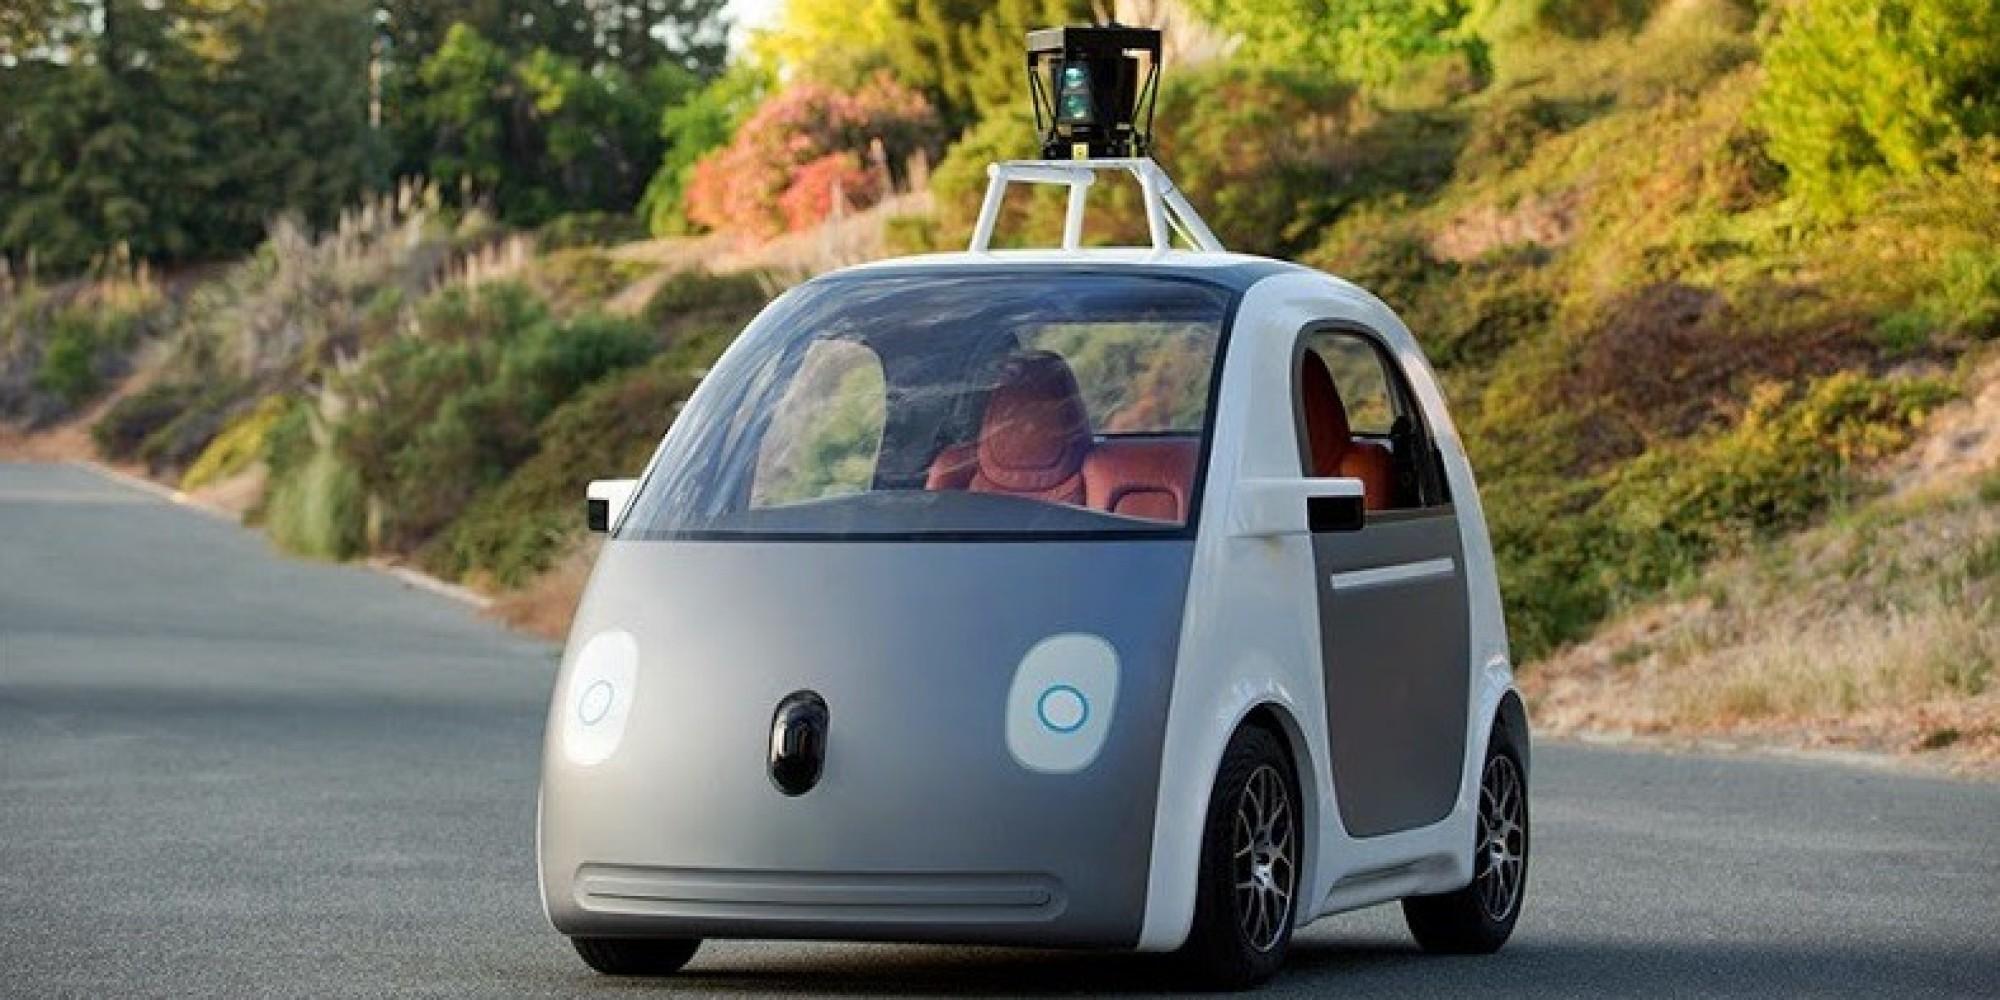 El auto de Google circulará en las calles el próximo verano